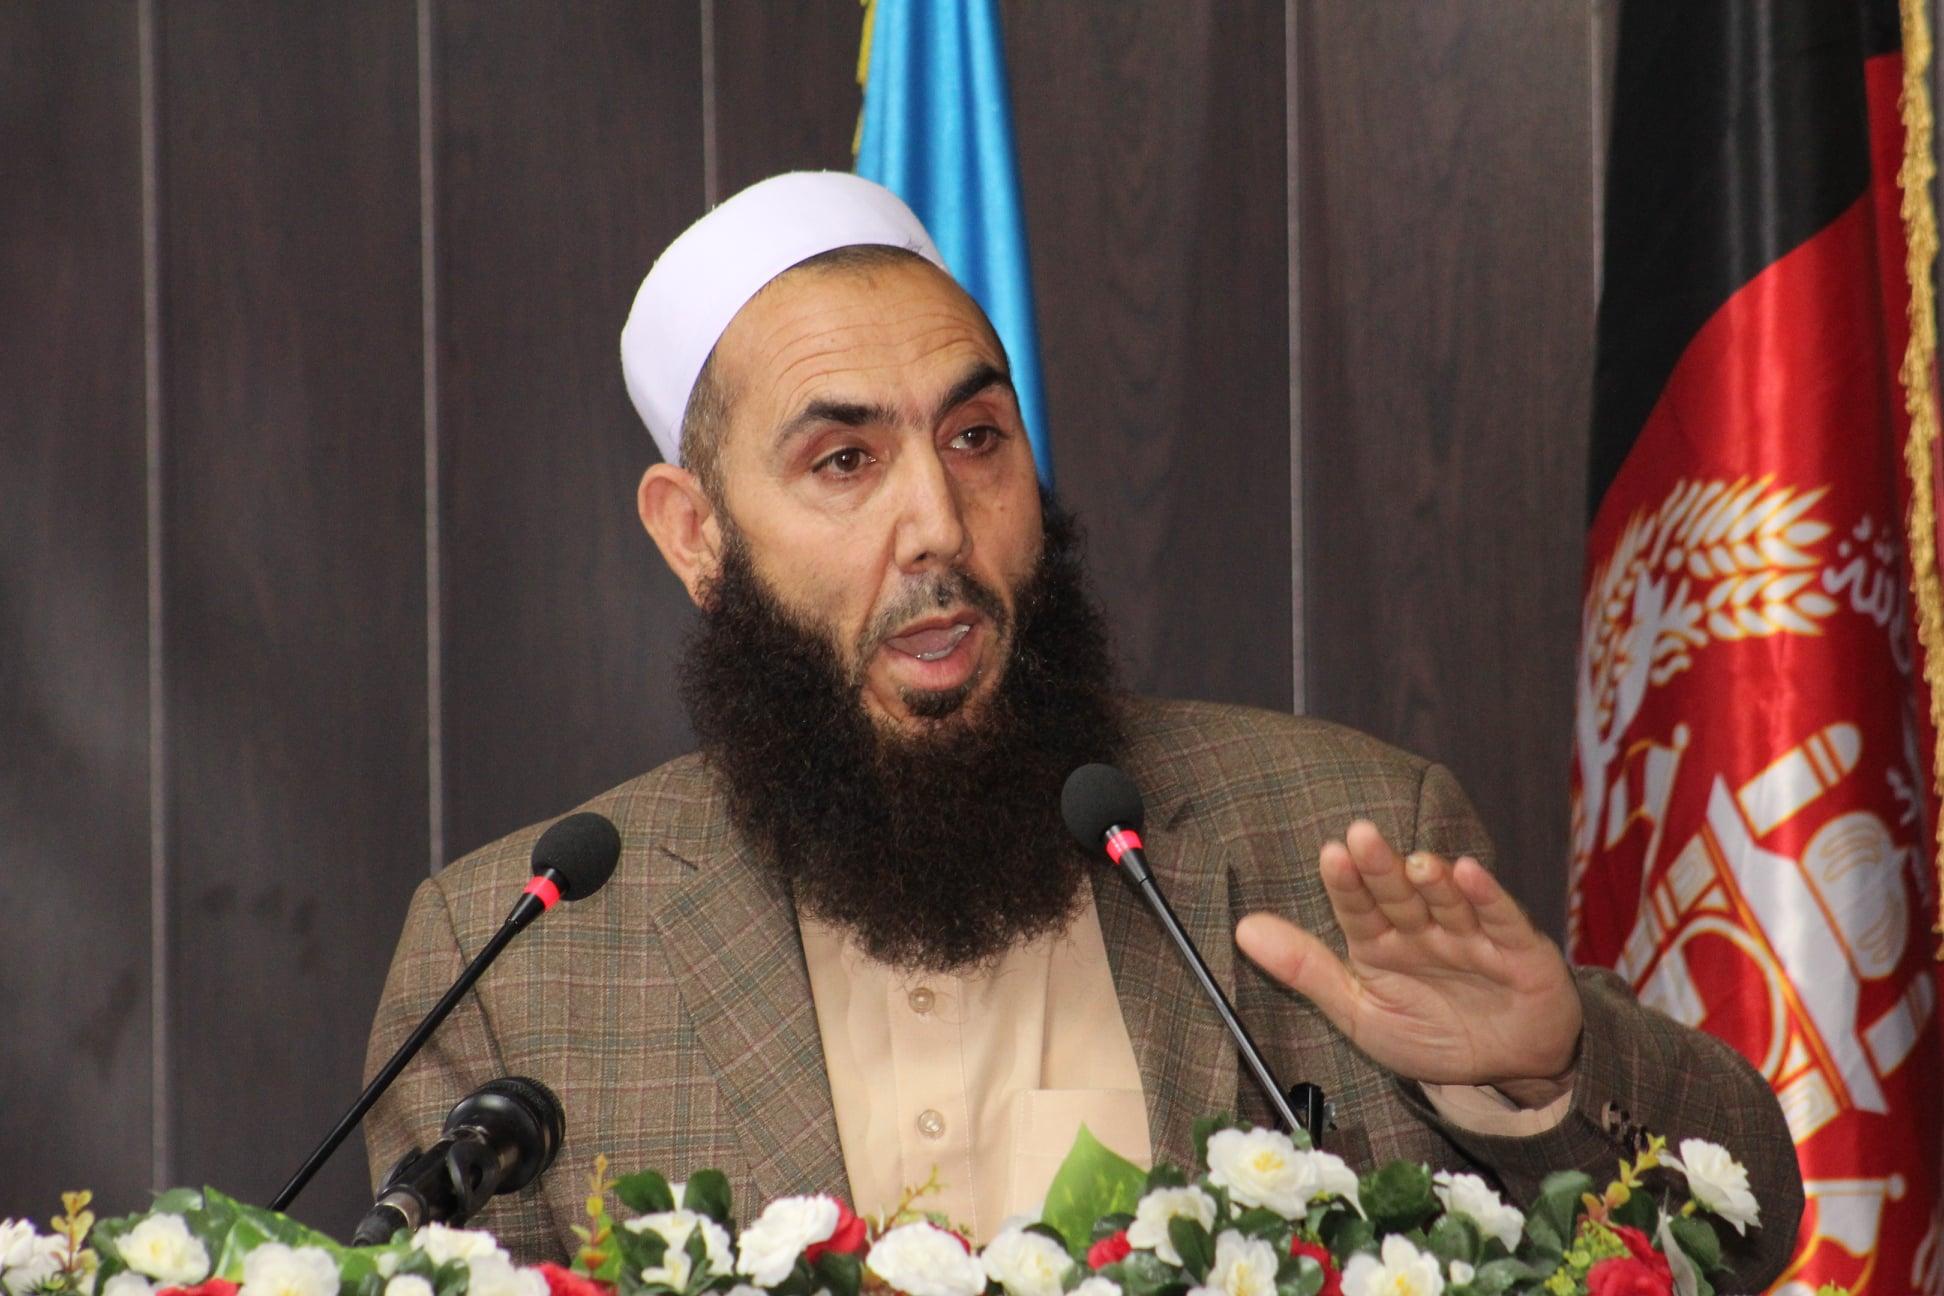 «اسلام د اعتدال او منځلاریتوب دین» علمي- څېړنیز سیمینار ترسره شو